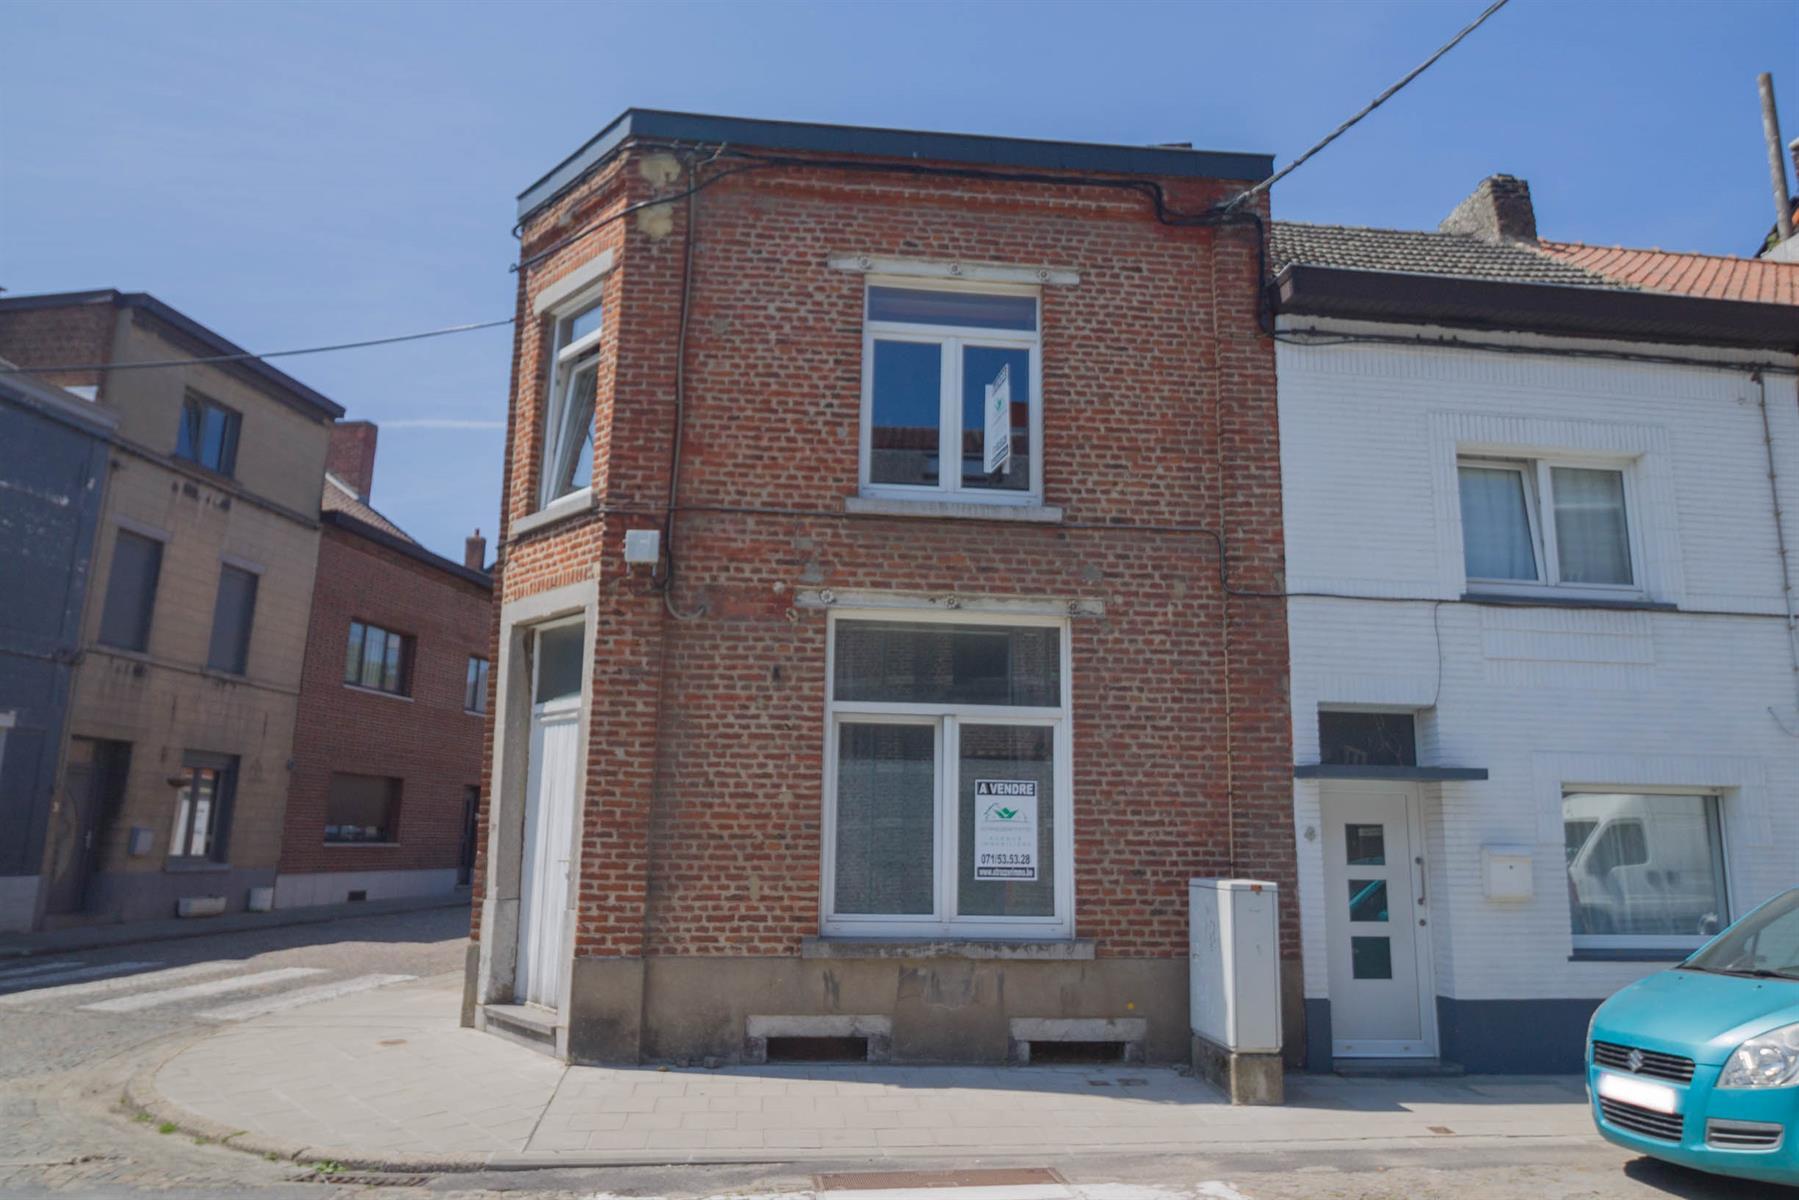 Maison - Monceau-sur-Sambre - #4536955-1